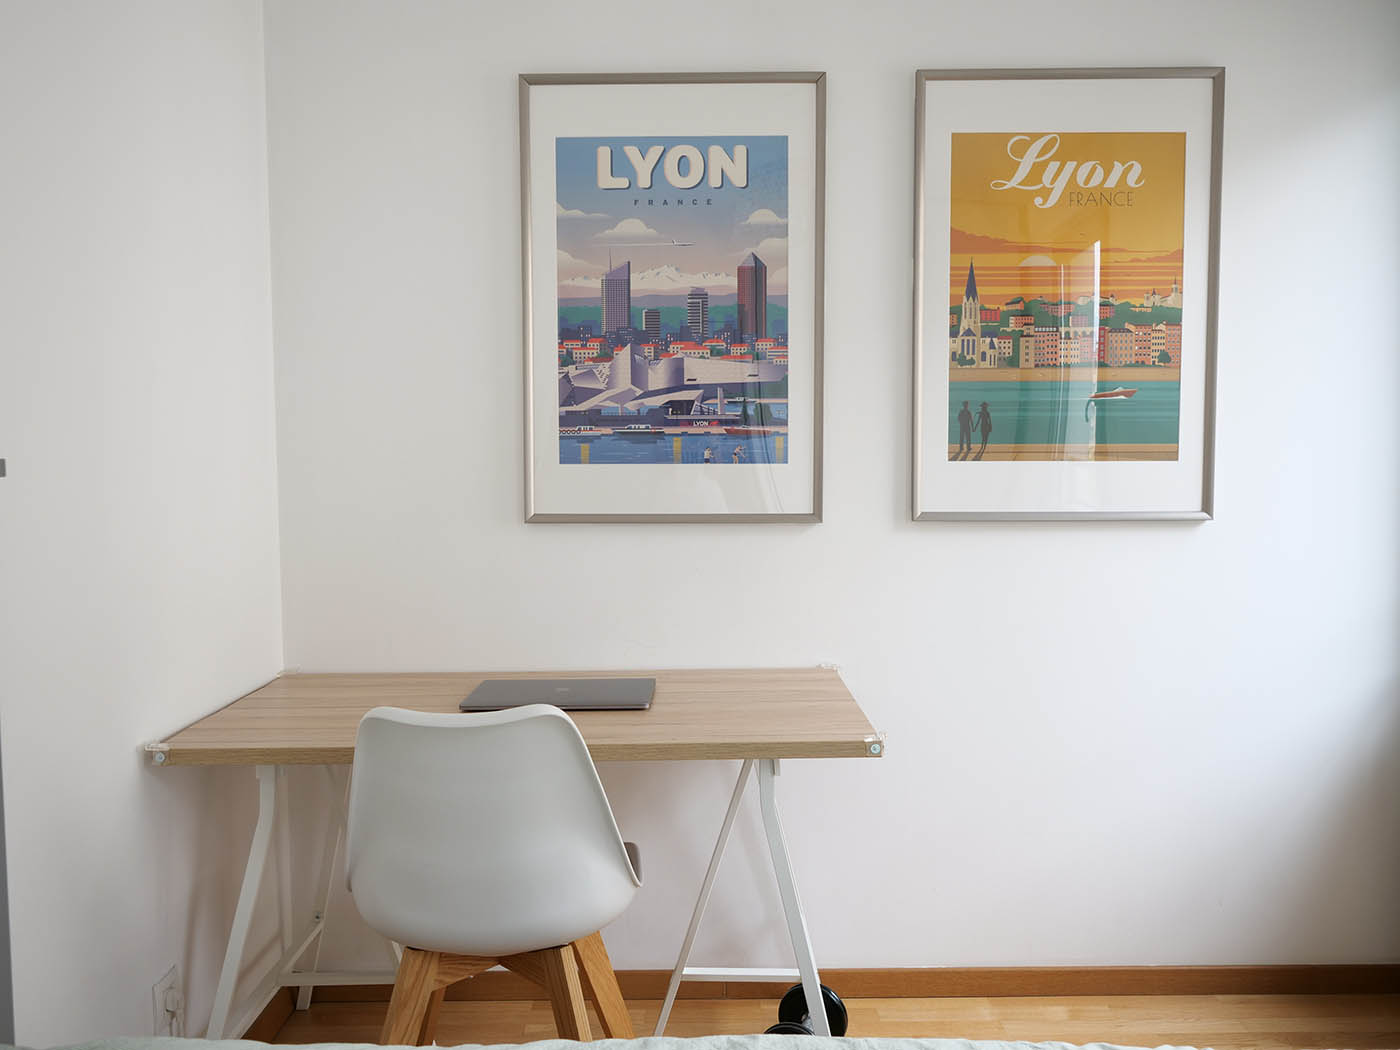 comment photographier un bien pour une annonce immobilière